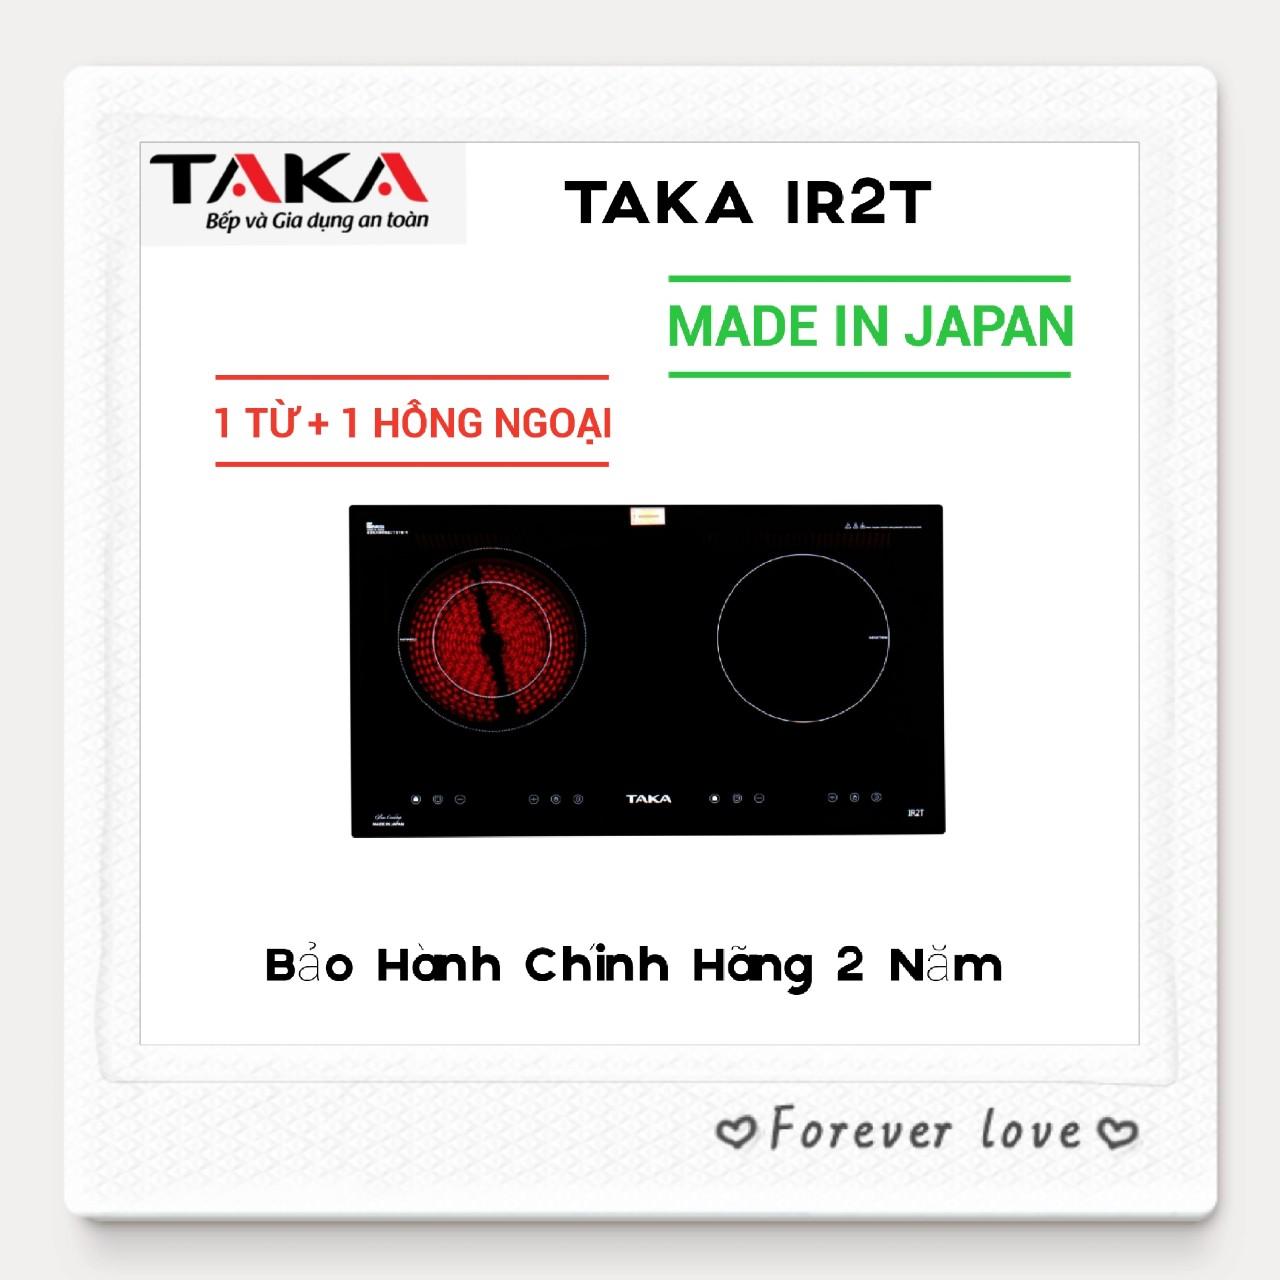 [Trả góp 0%]Bếp 1 Từ+1 Hồng Ngoại TAKA Kính Nhập Khẩu Nhật Bản IR2T